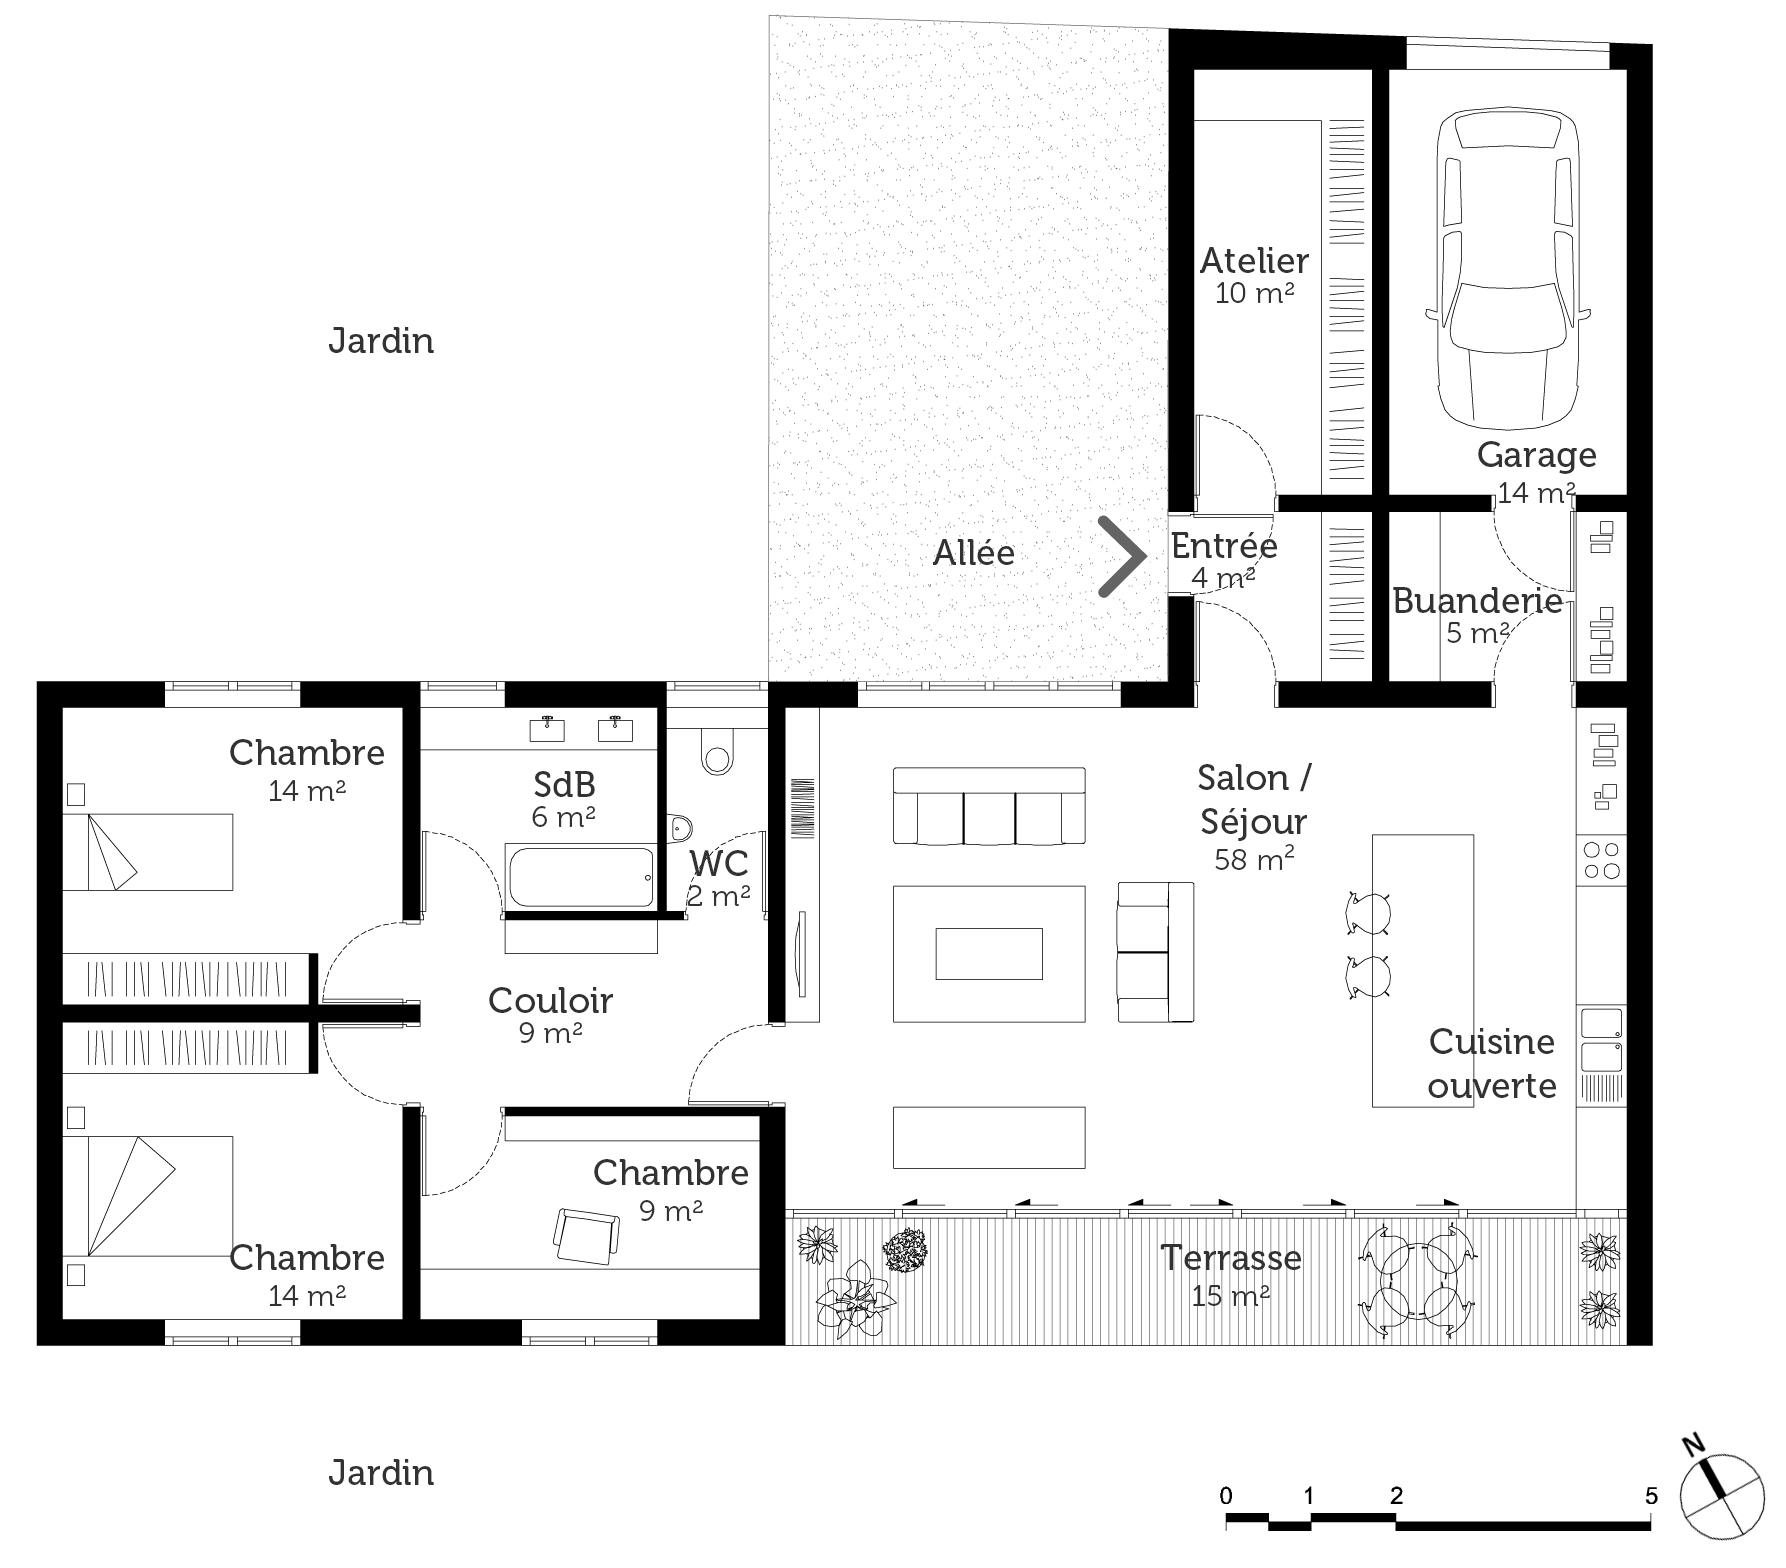 Maison plain pied en l avec garage - Maison en l plain pied ...